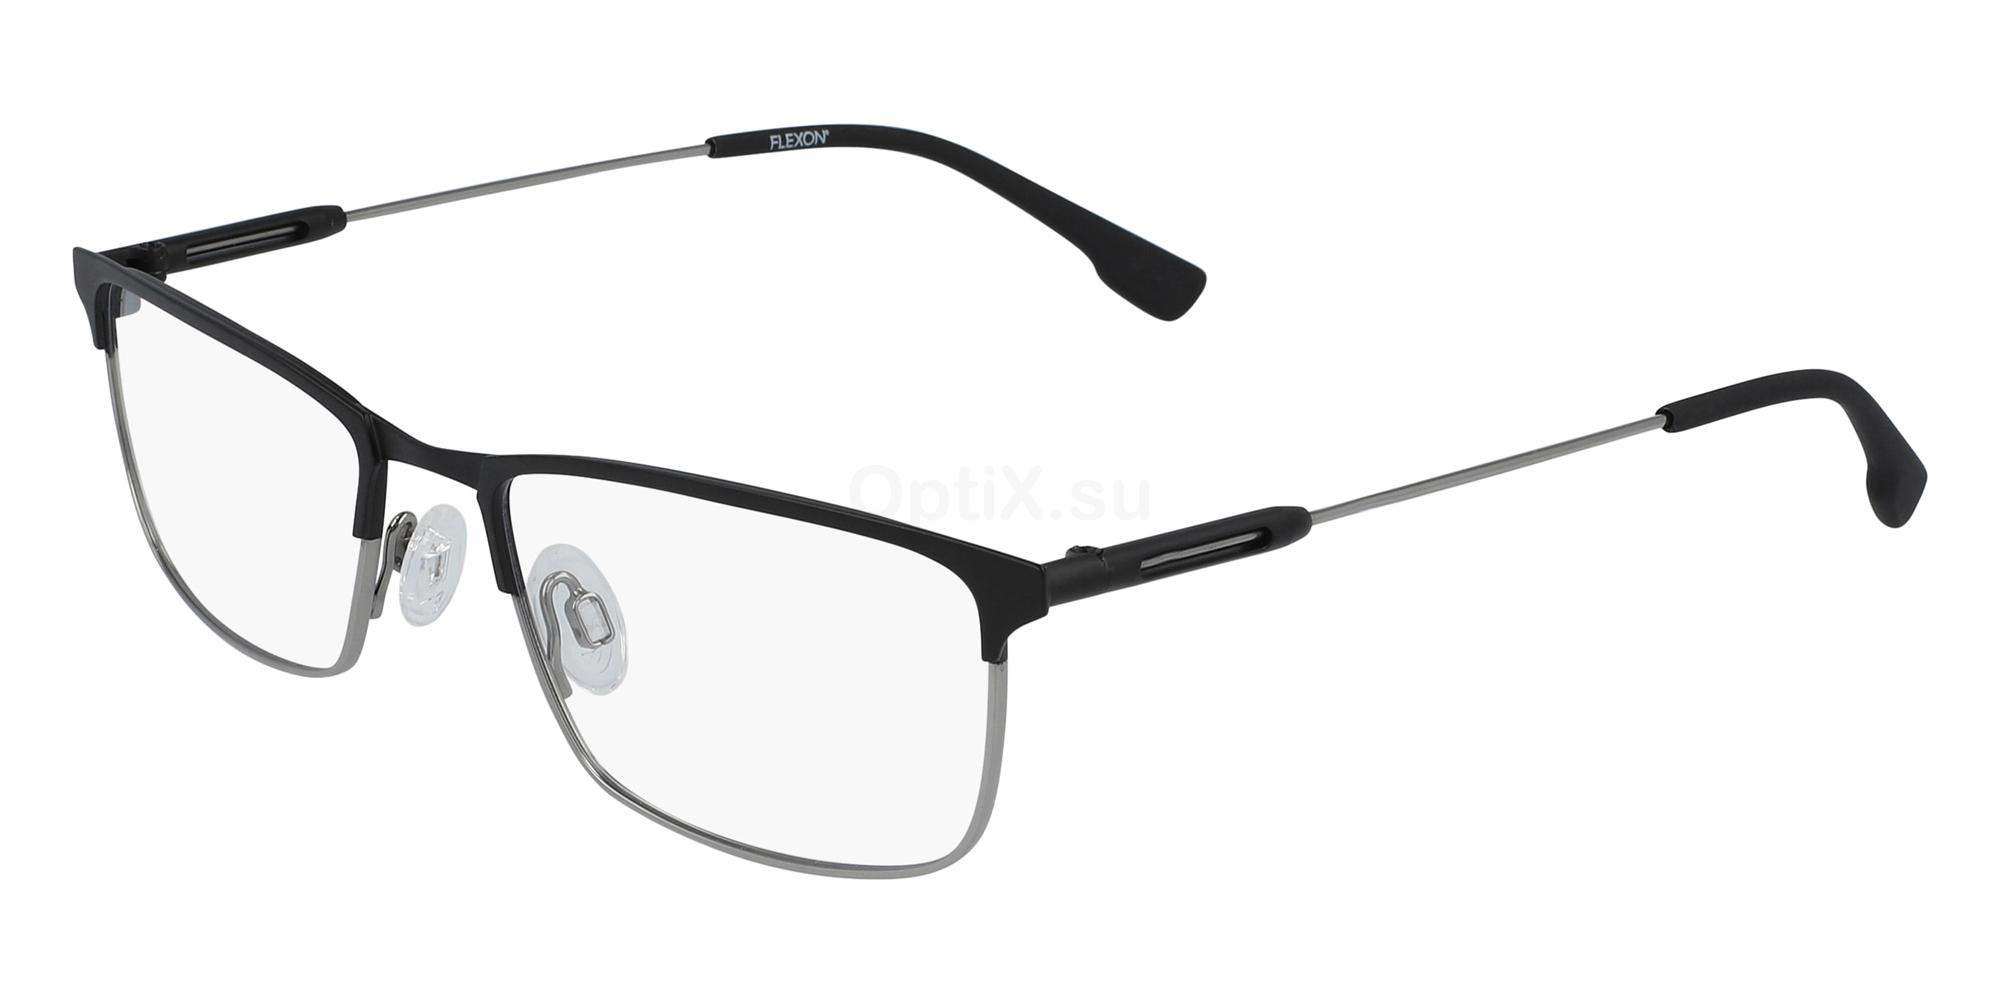 001 FLEXON E1120 Glasses, Flexon